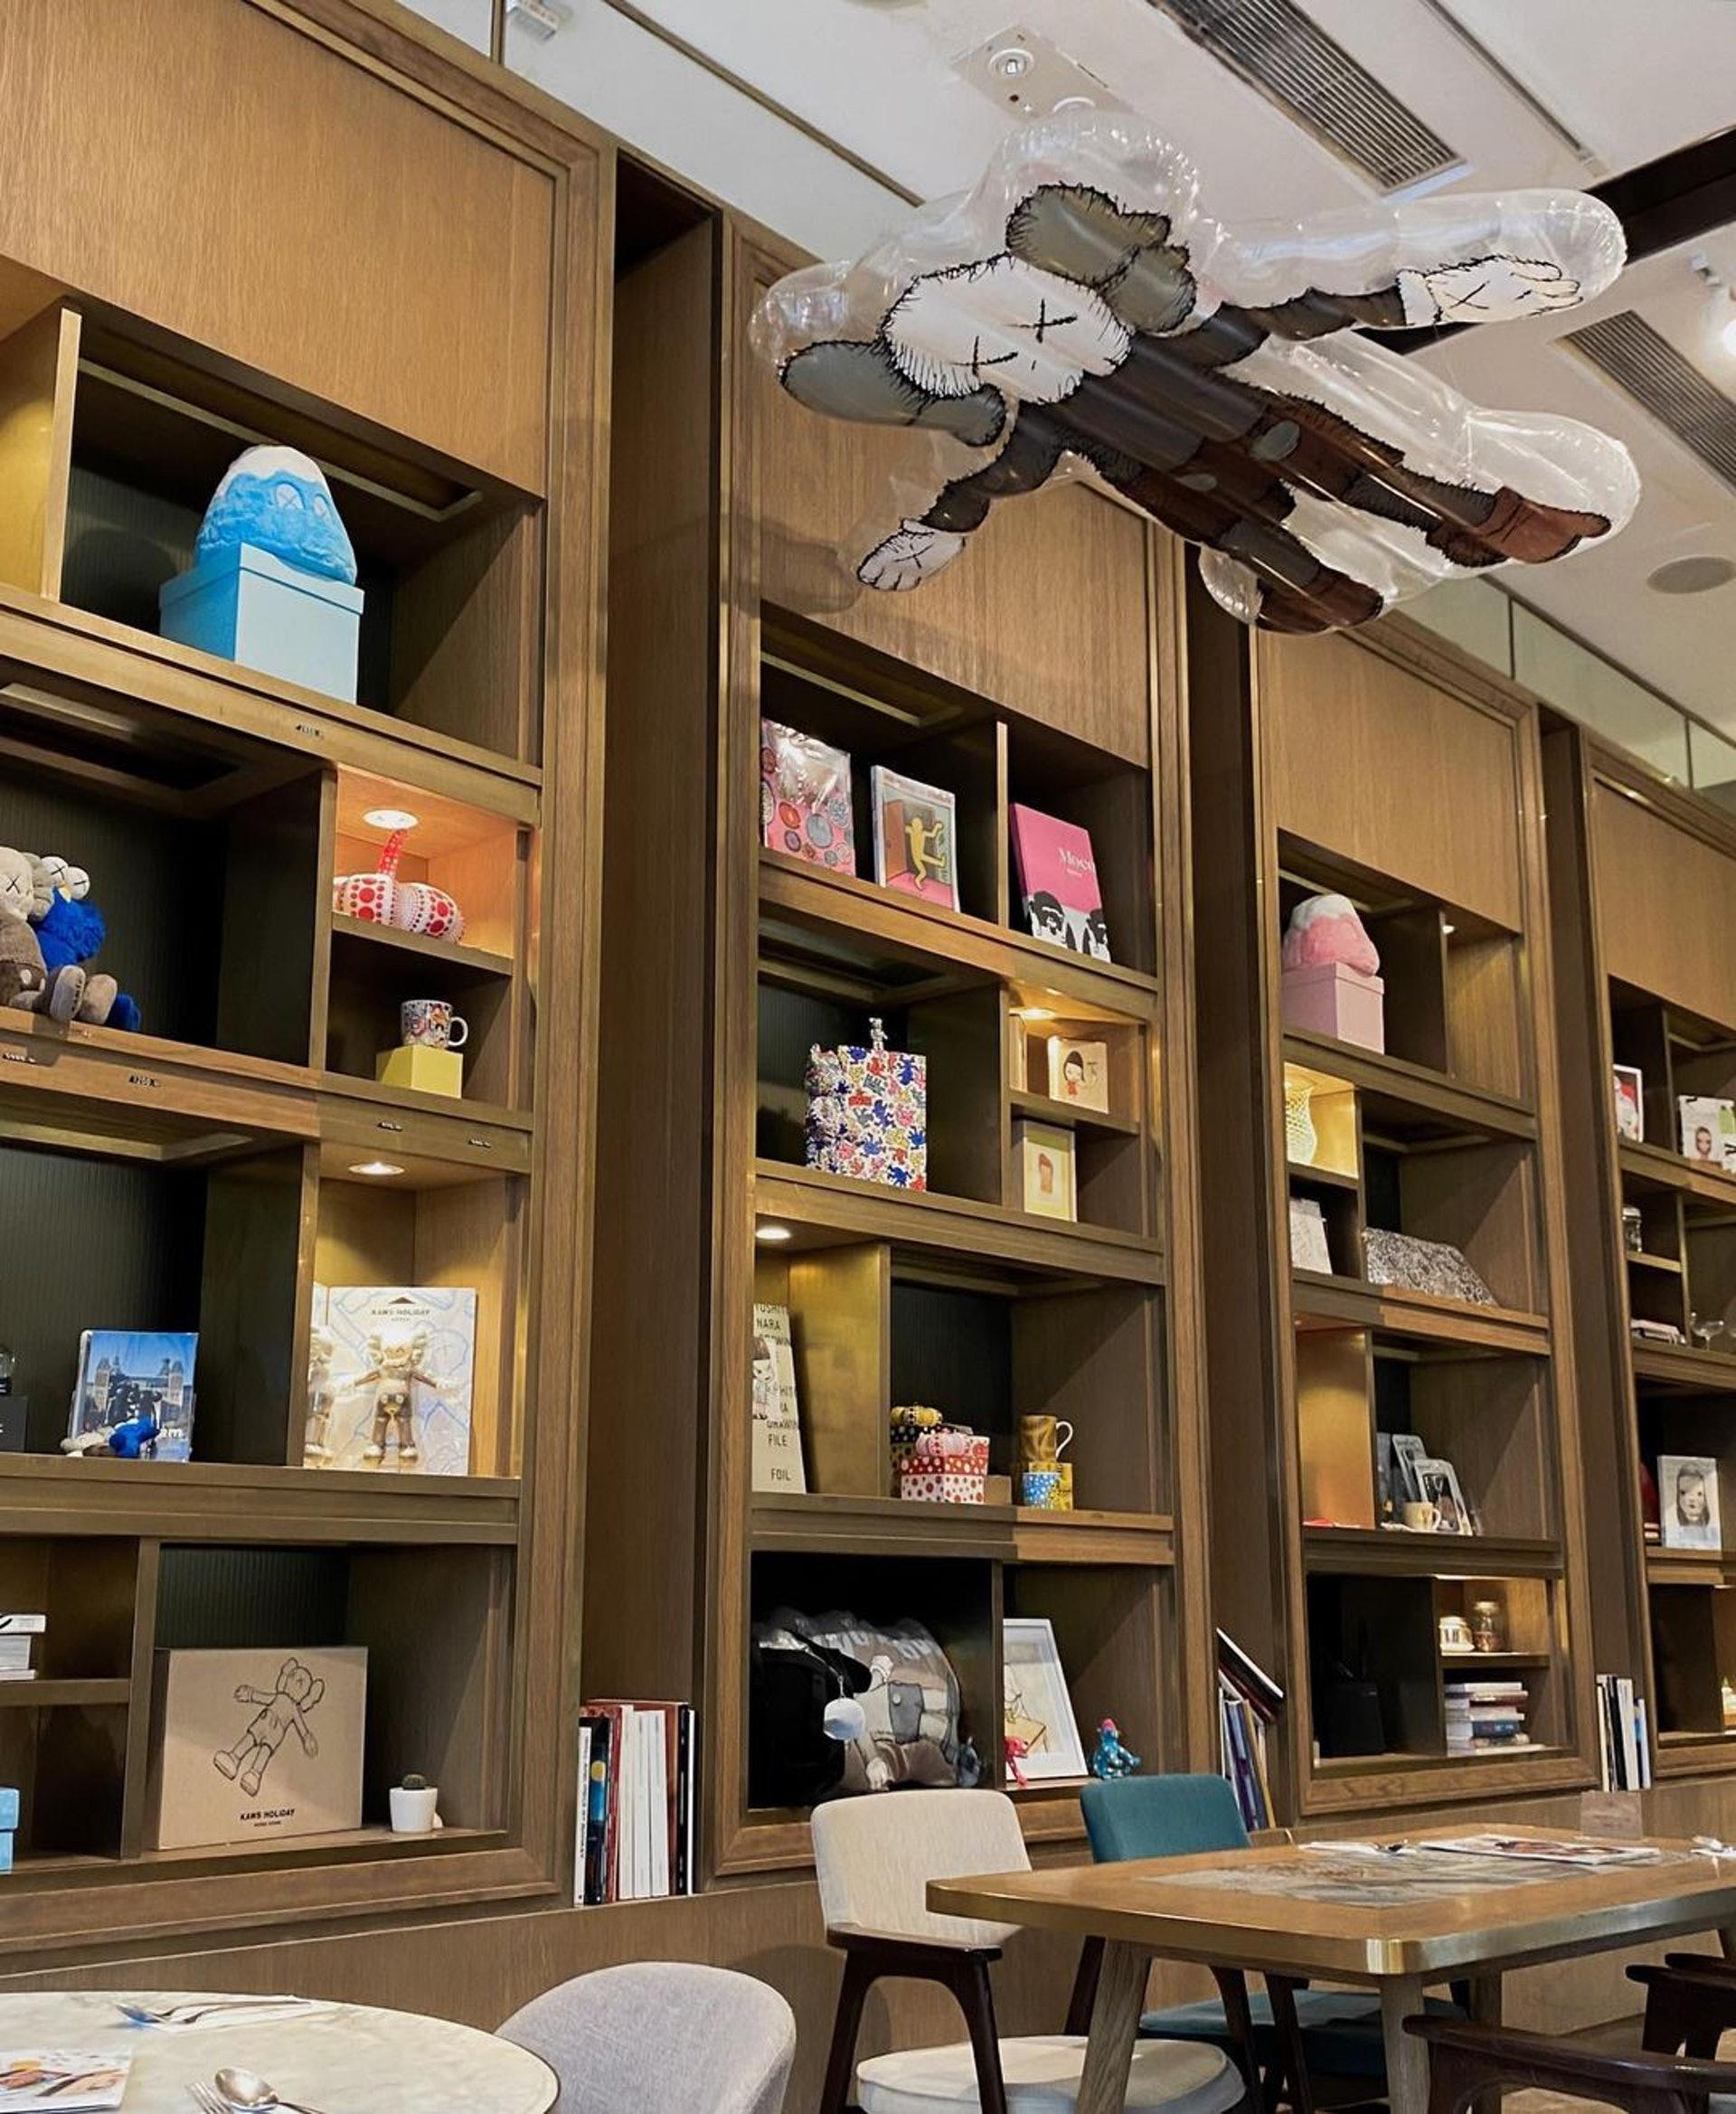 櫃子上放滿藝術精品做裝飾,客人也可以行逛,如果看中了就可以買走。(ig@ sophiaachung)